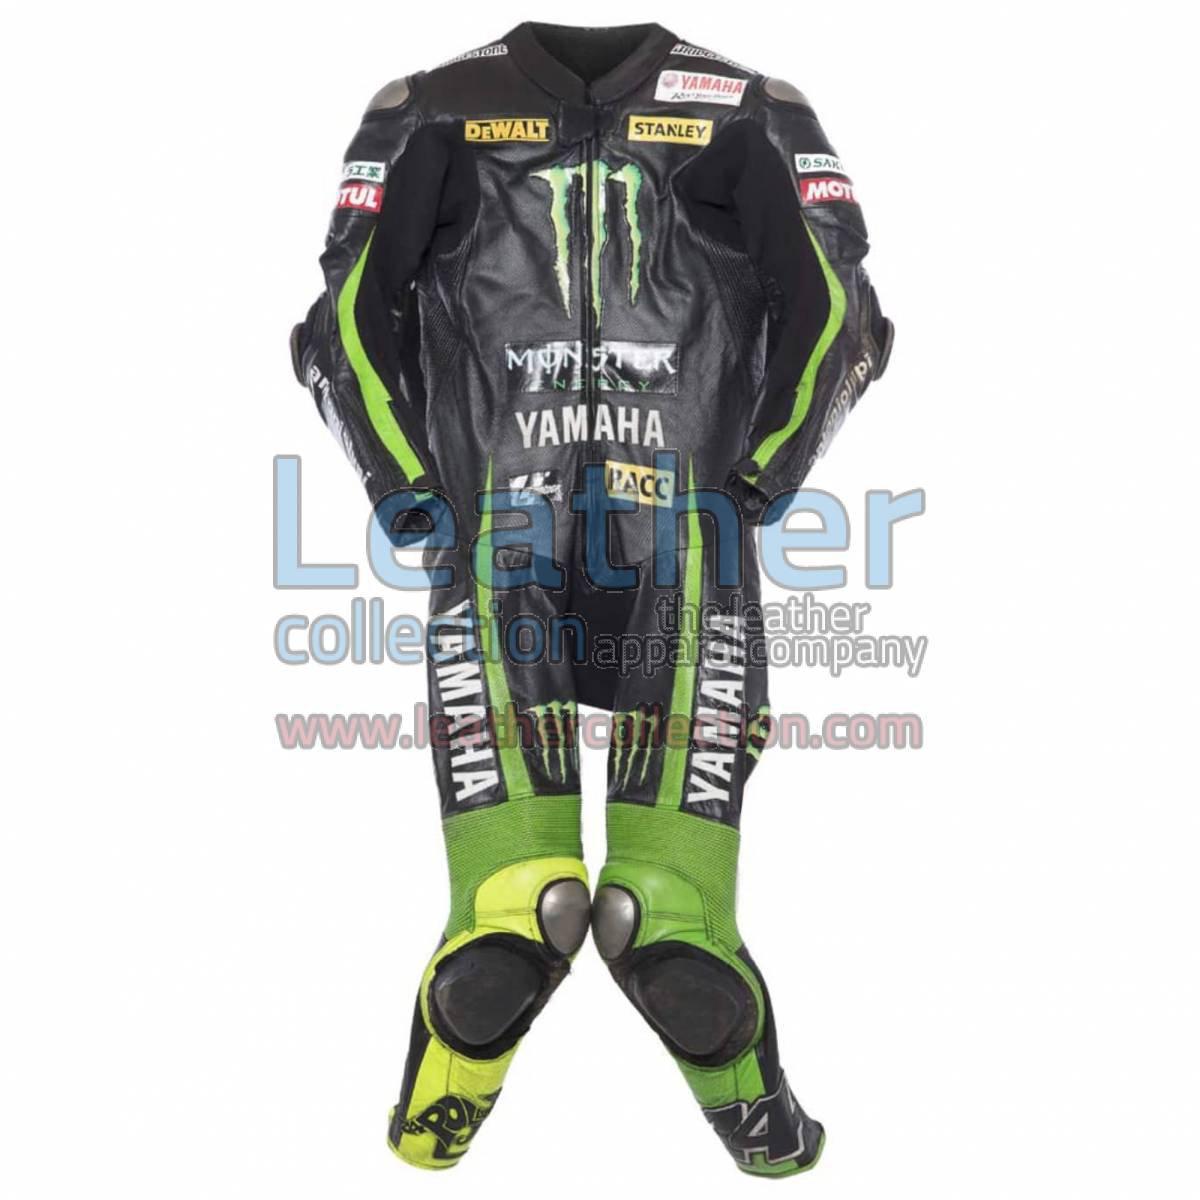 Pol Espargaro Yamaha MotoGP 2014 Racing Suit